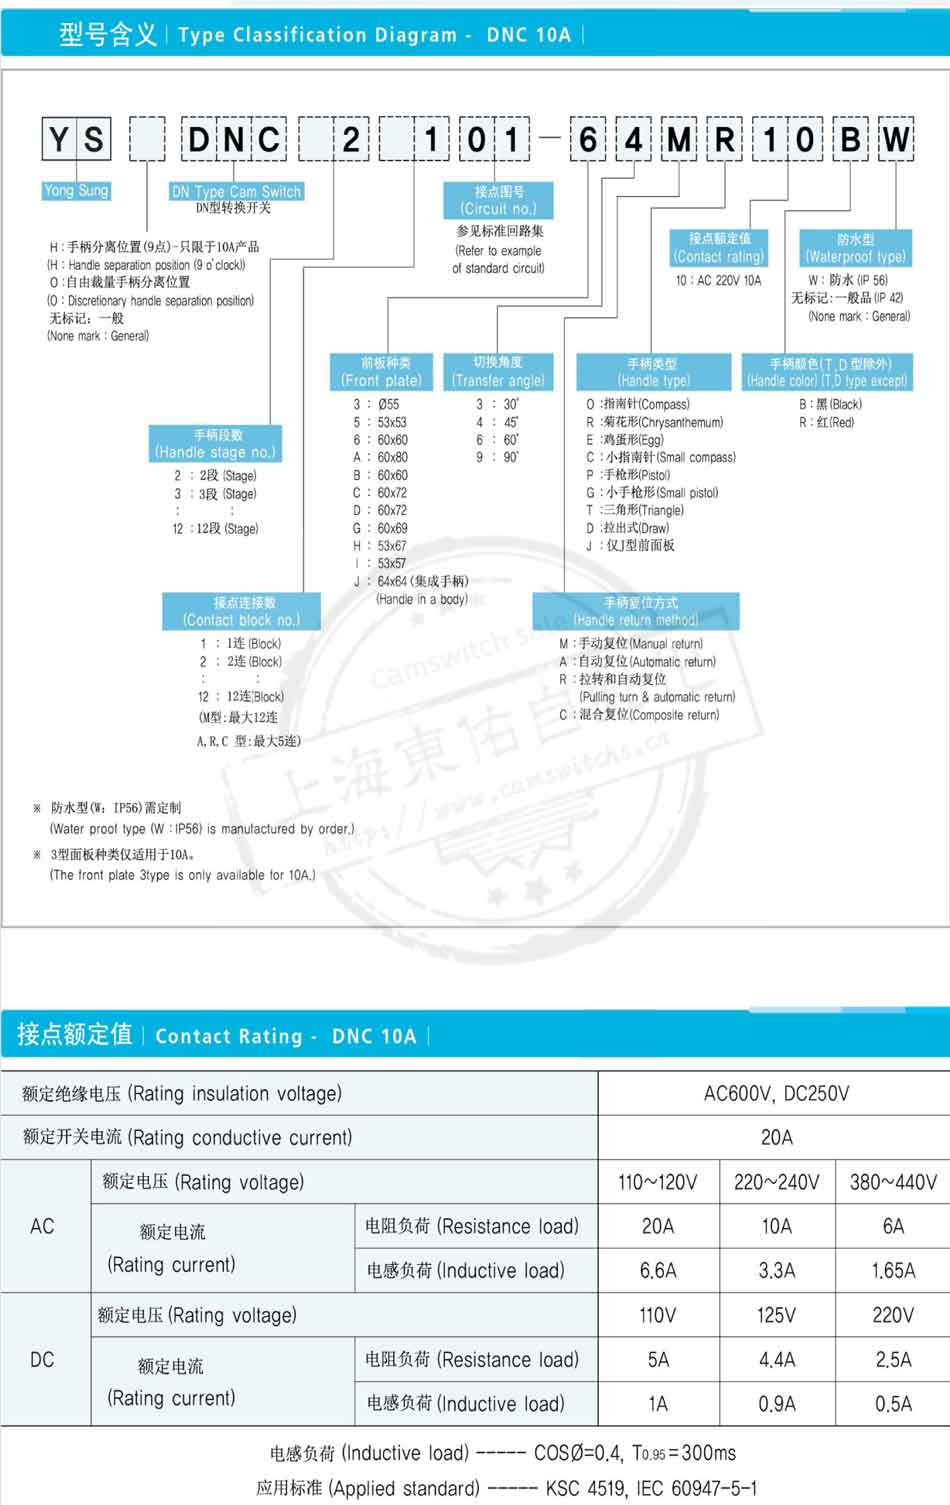 韩国龙声YONGSUNG转换开关型号含义表。